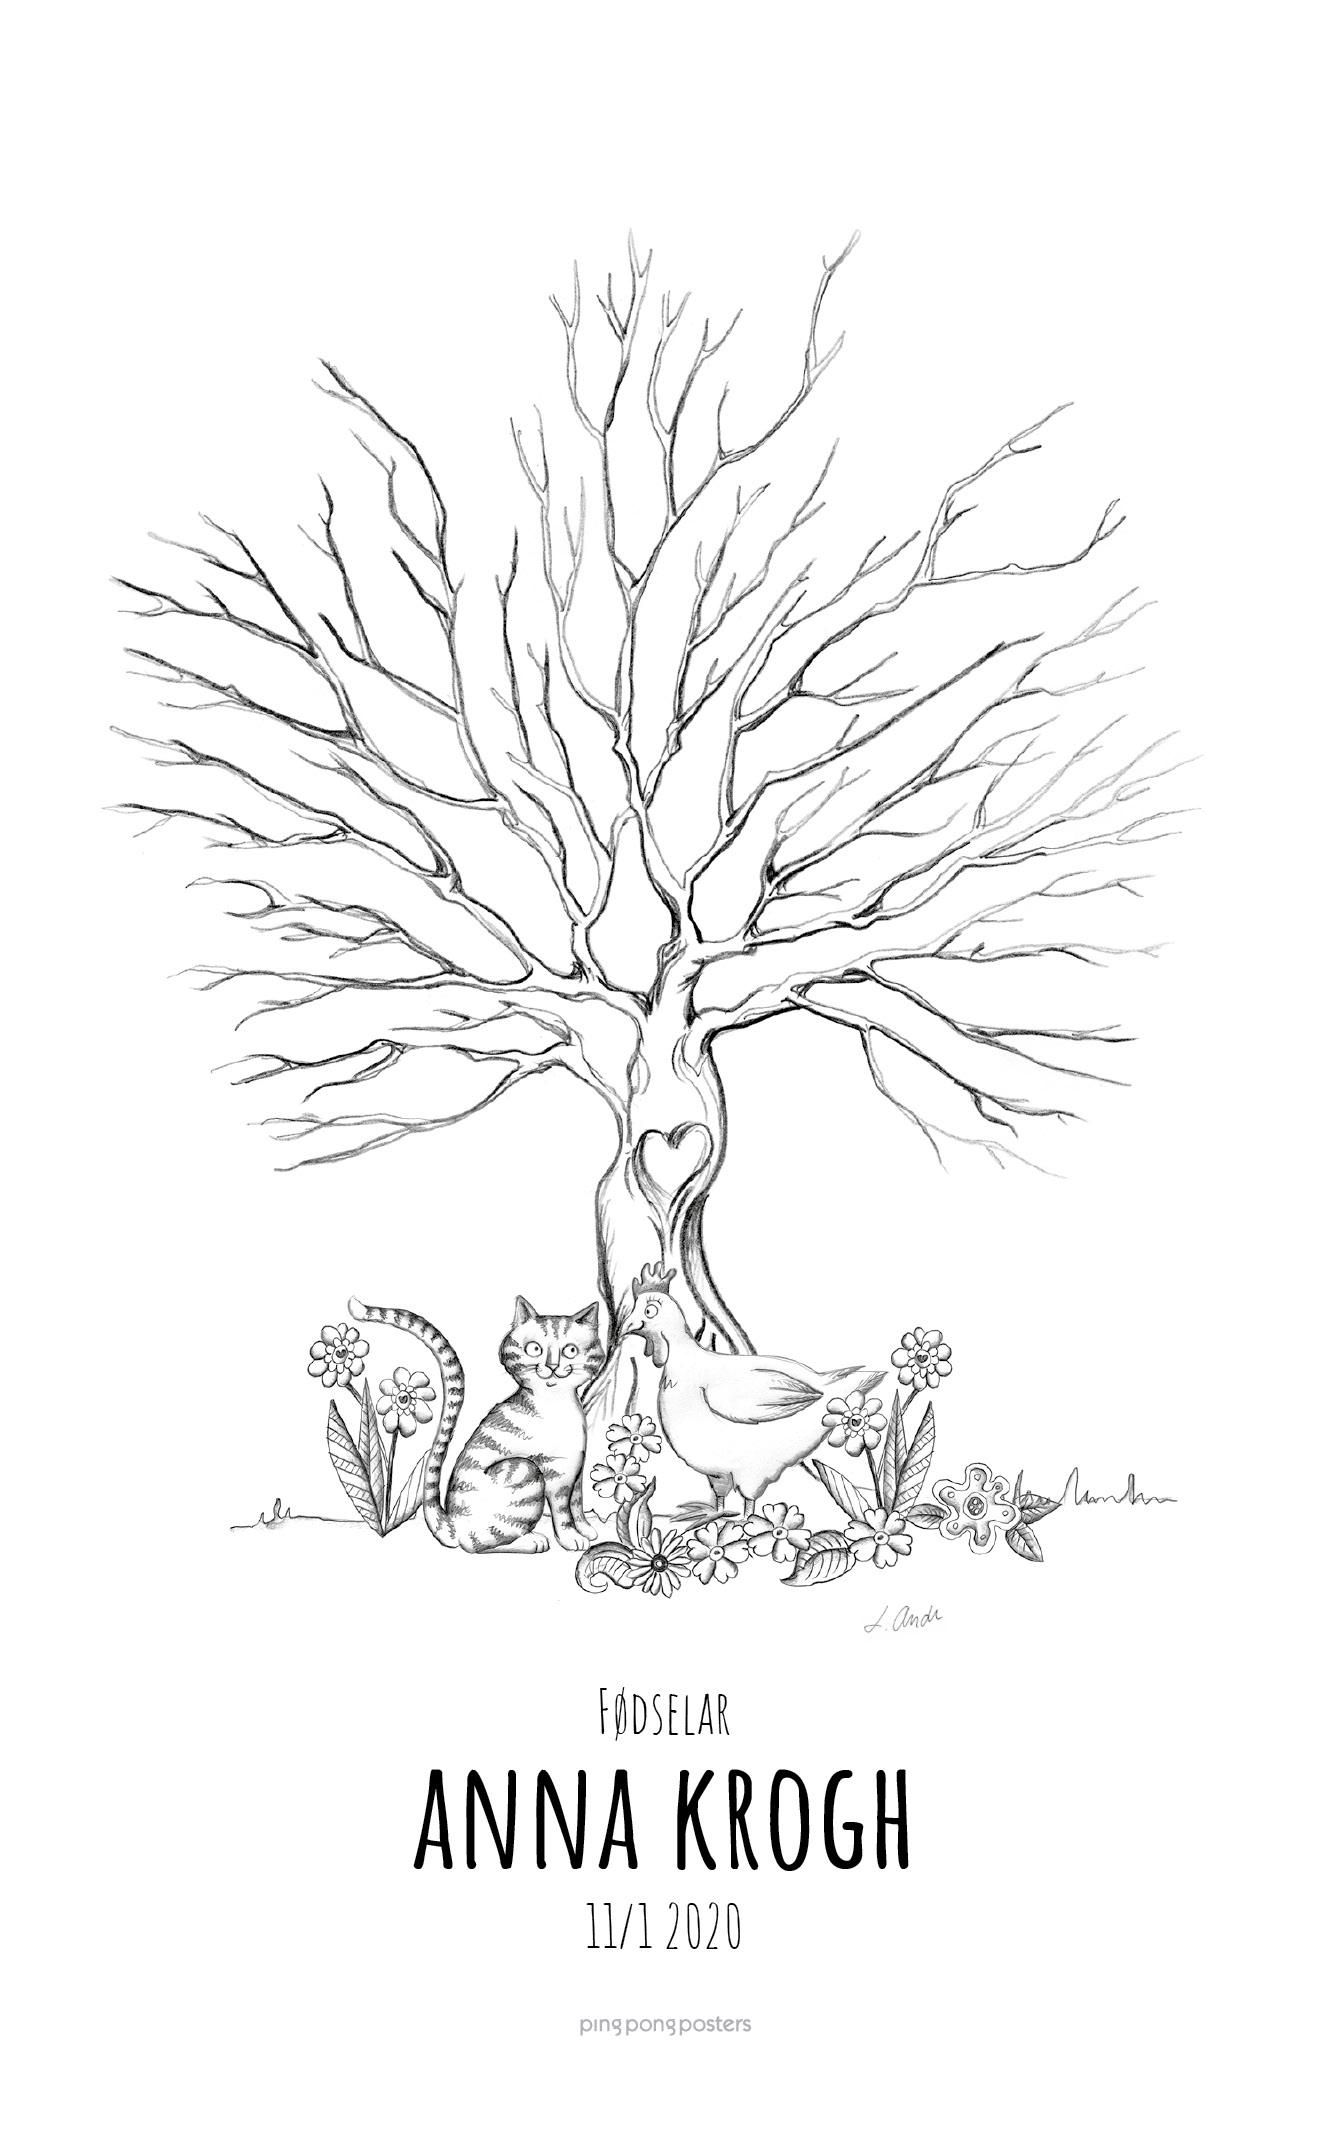 Fingeraftryk træ med en kat, høne og blomster